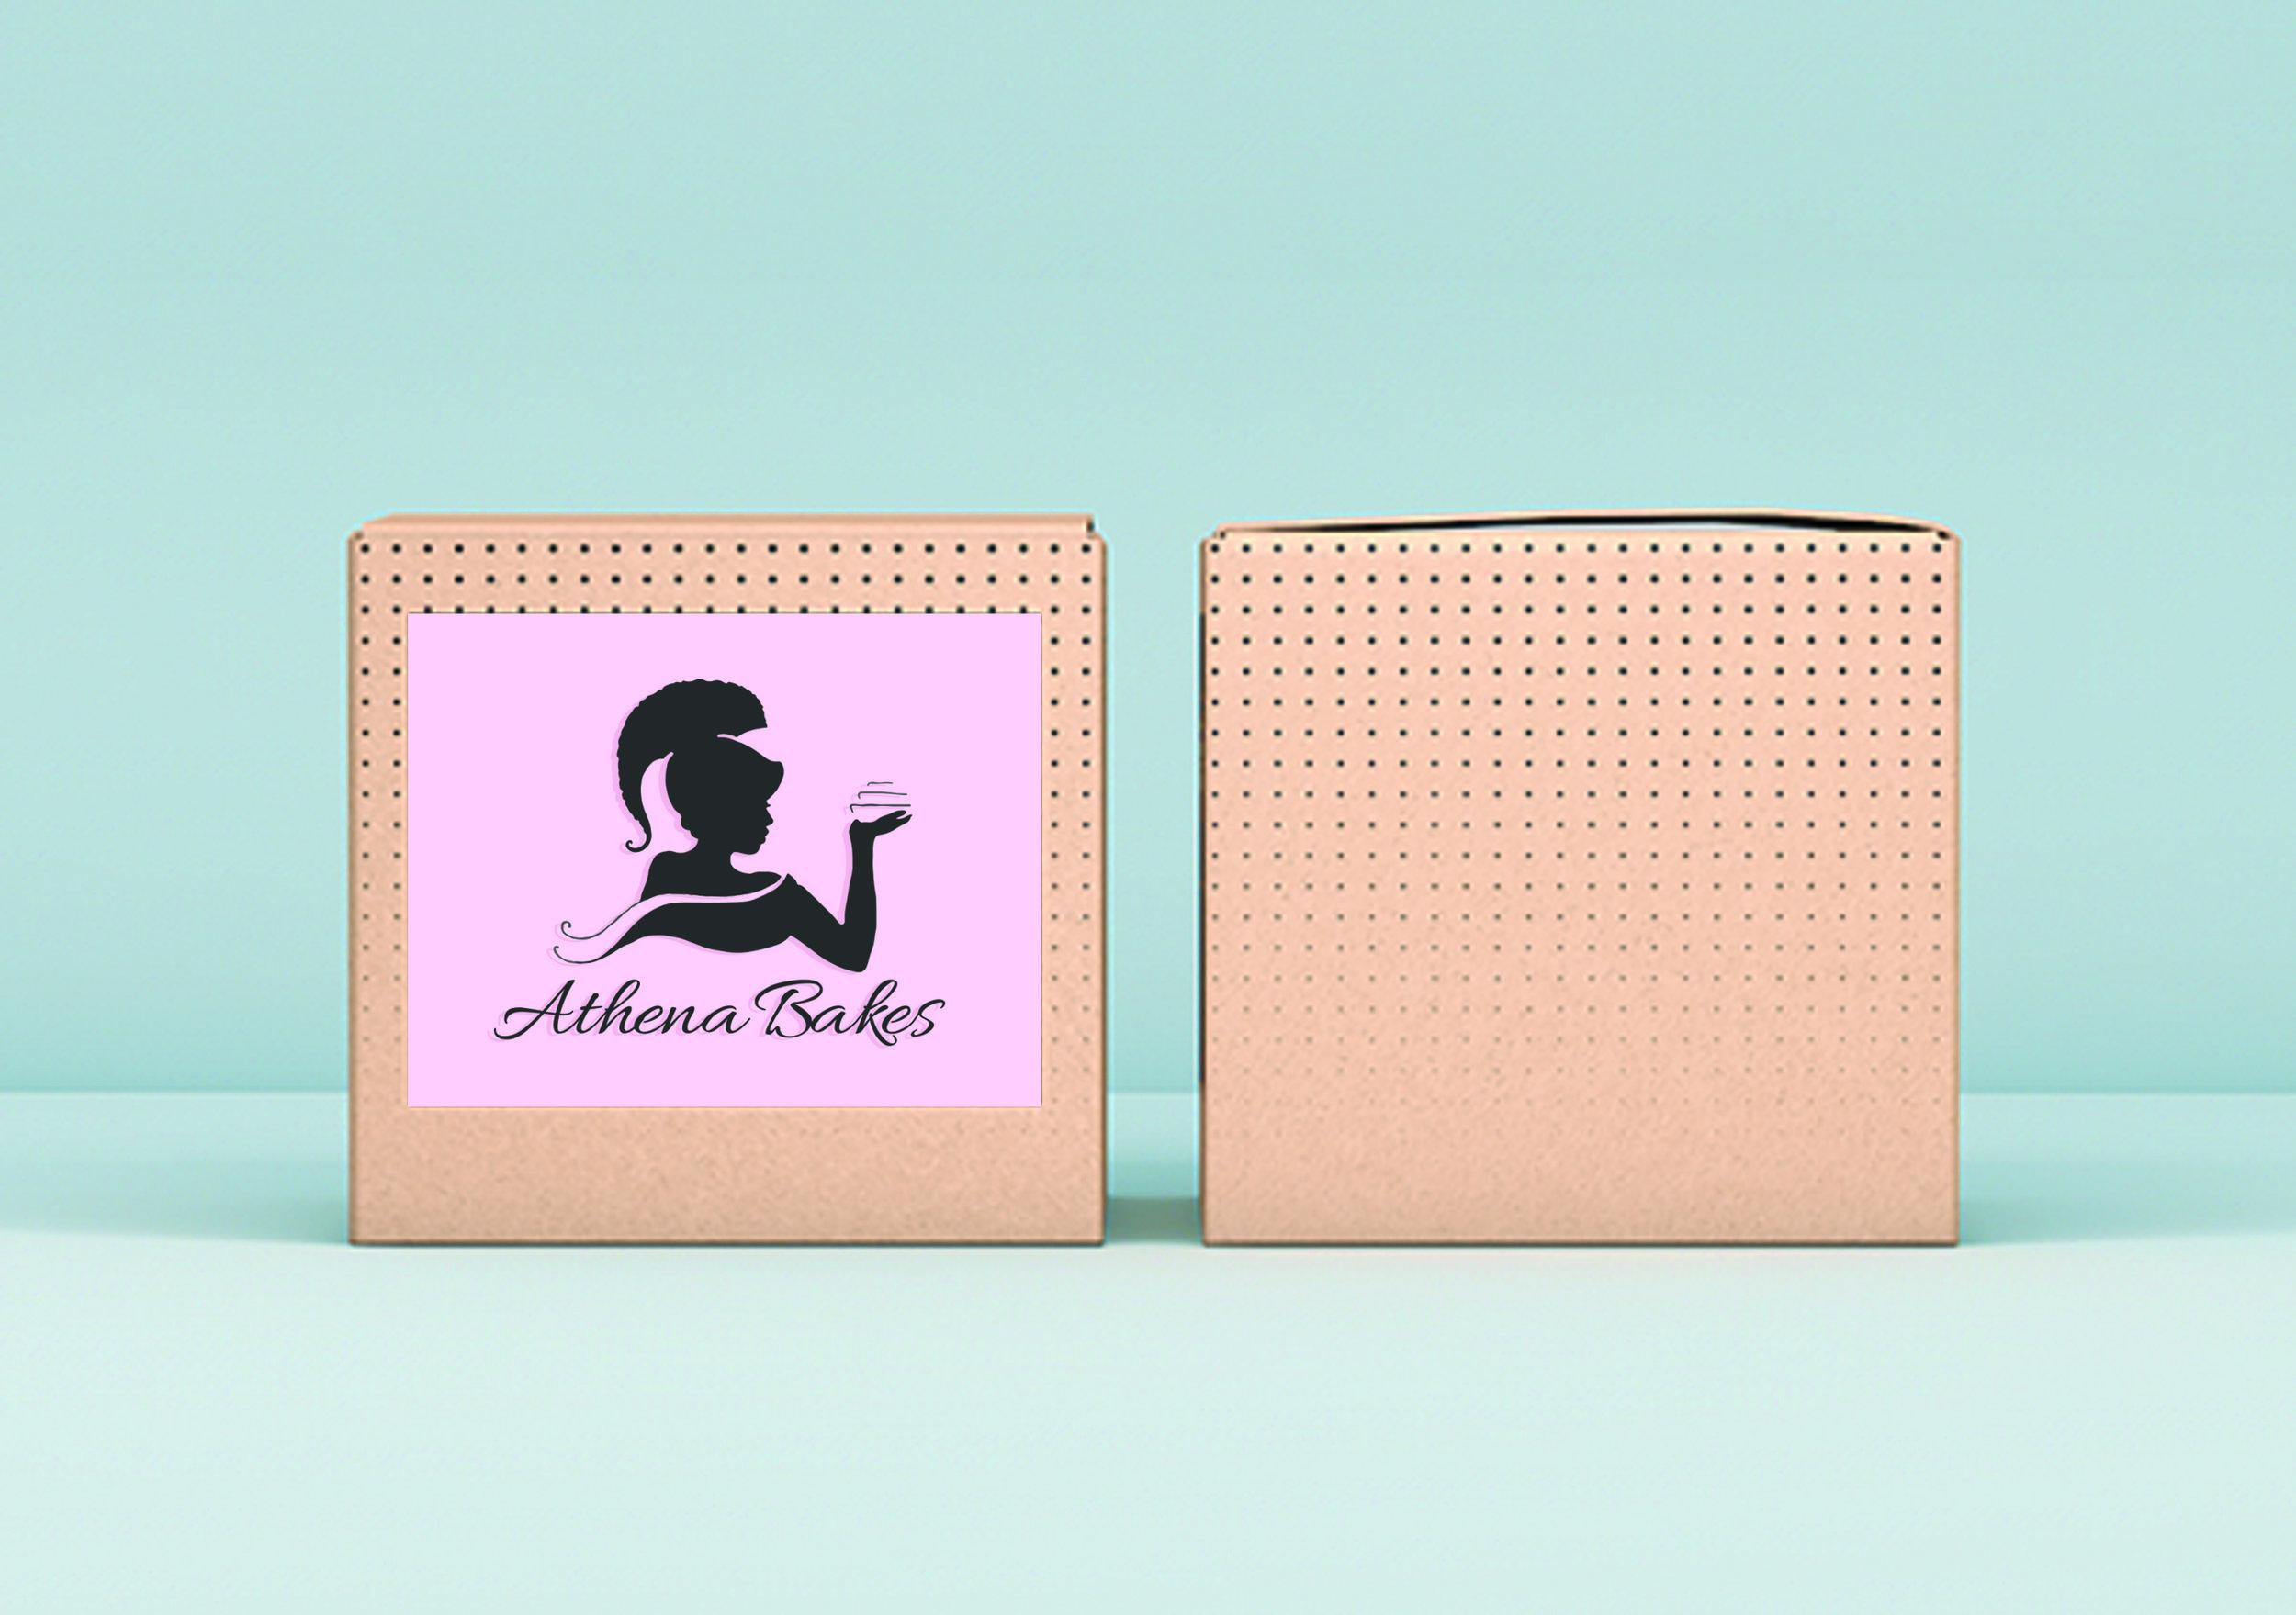 Athena Bakes